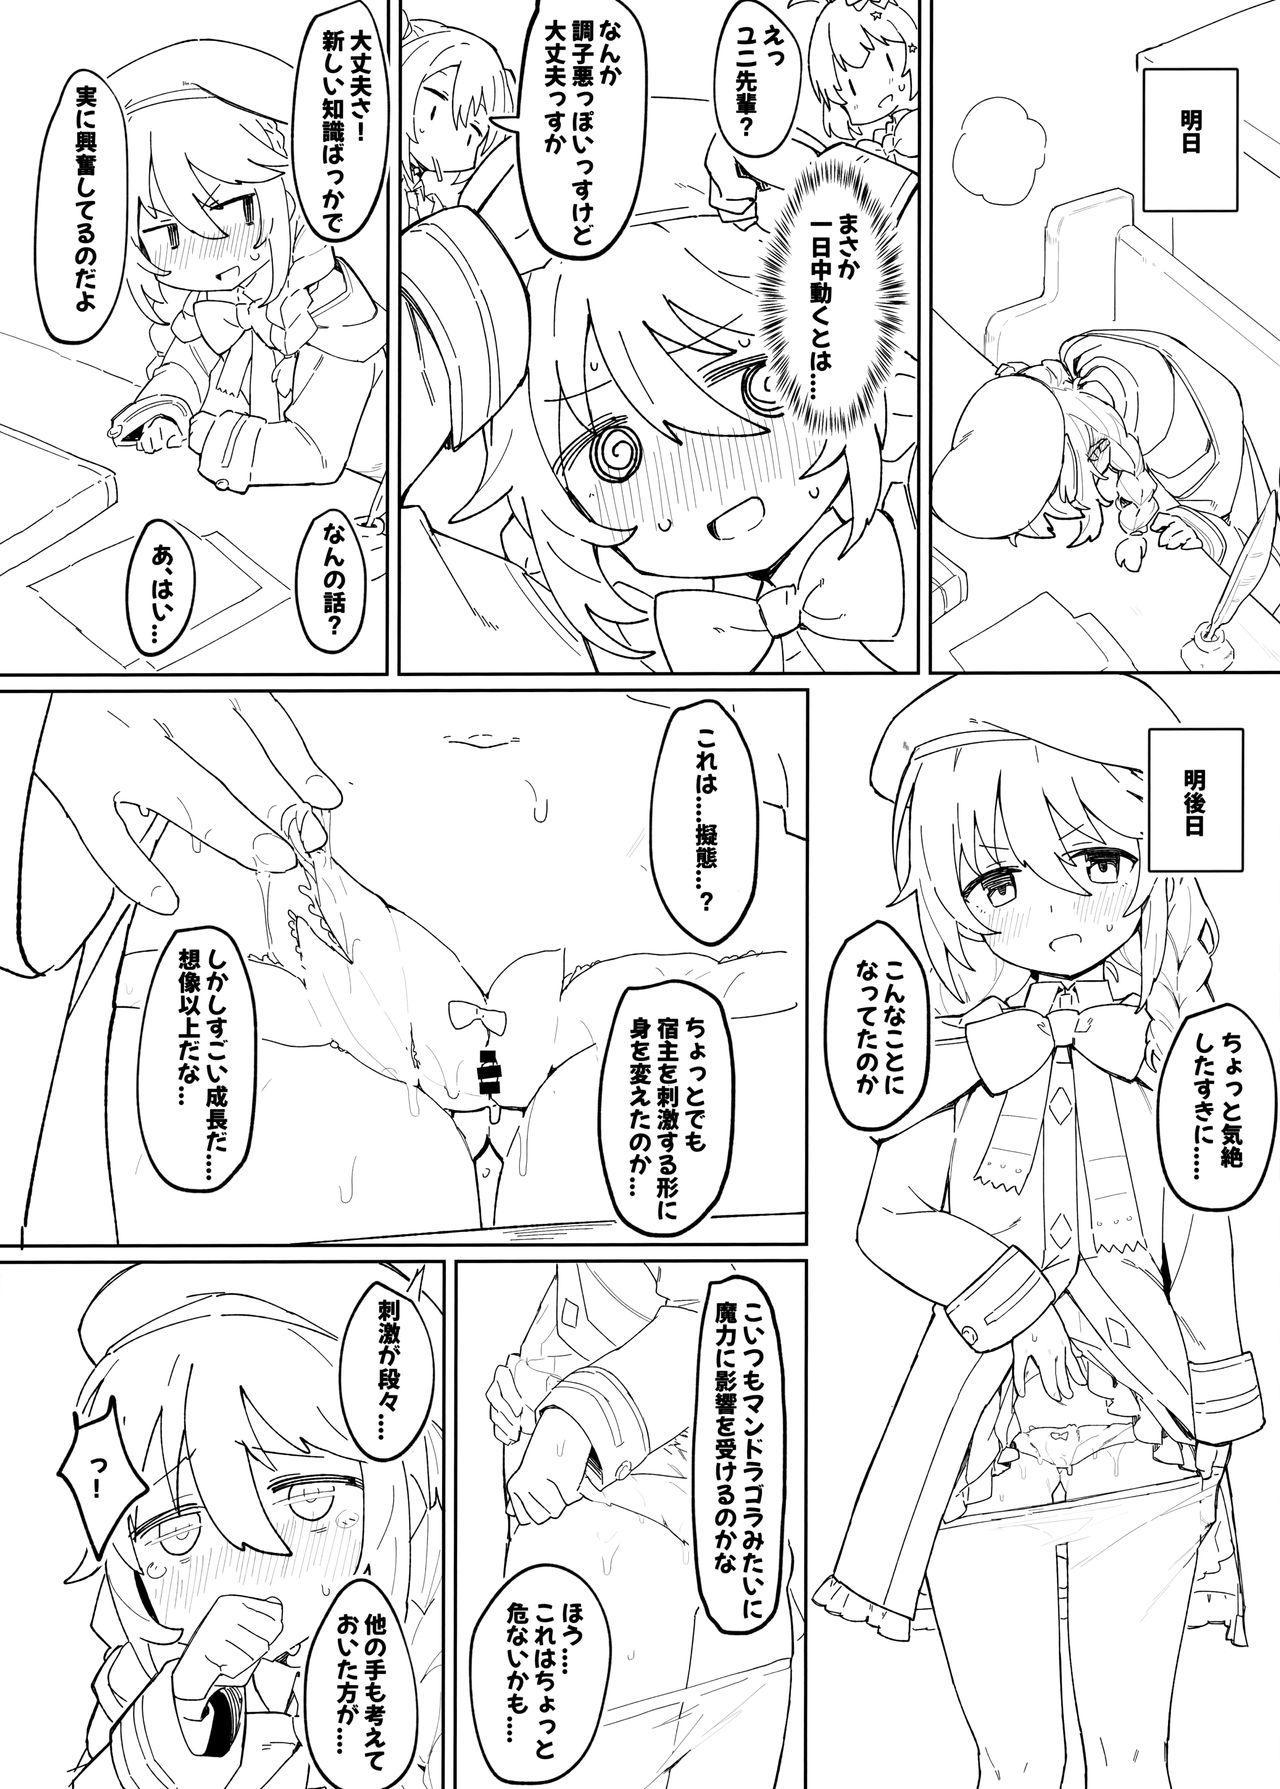 Shokushu to Yuni Senpai 3